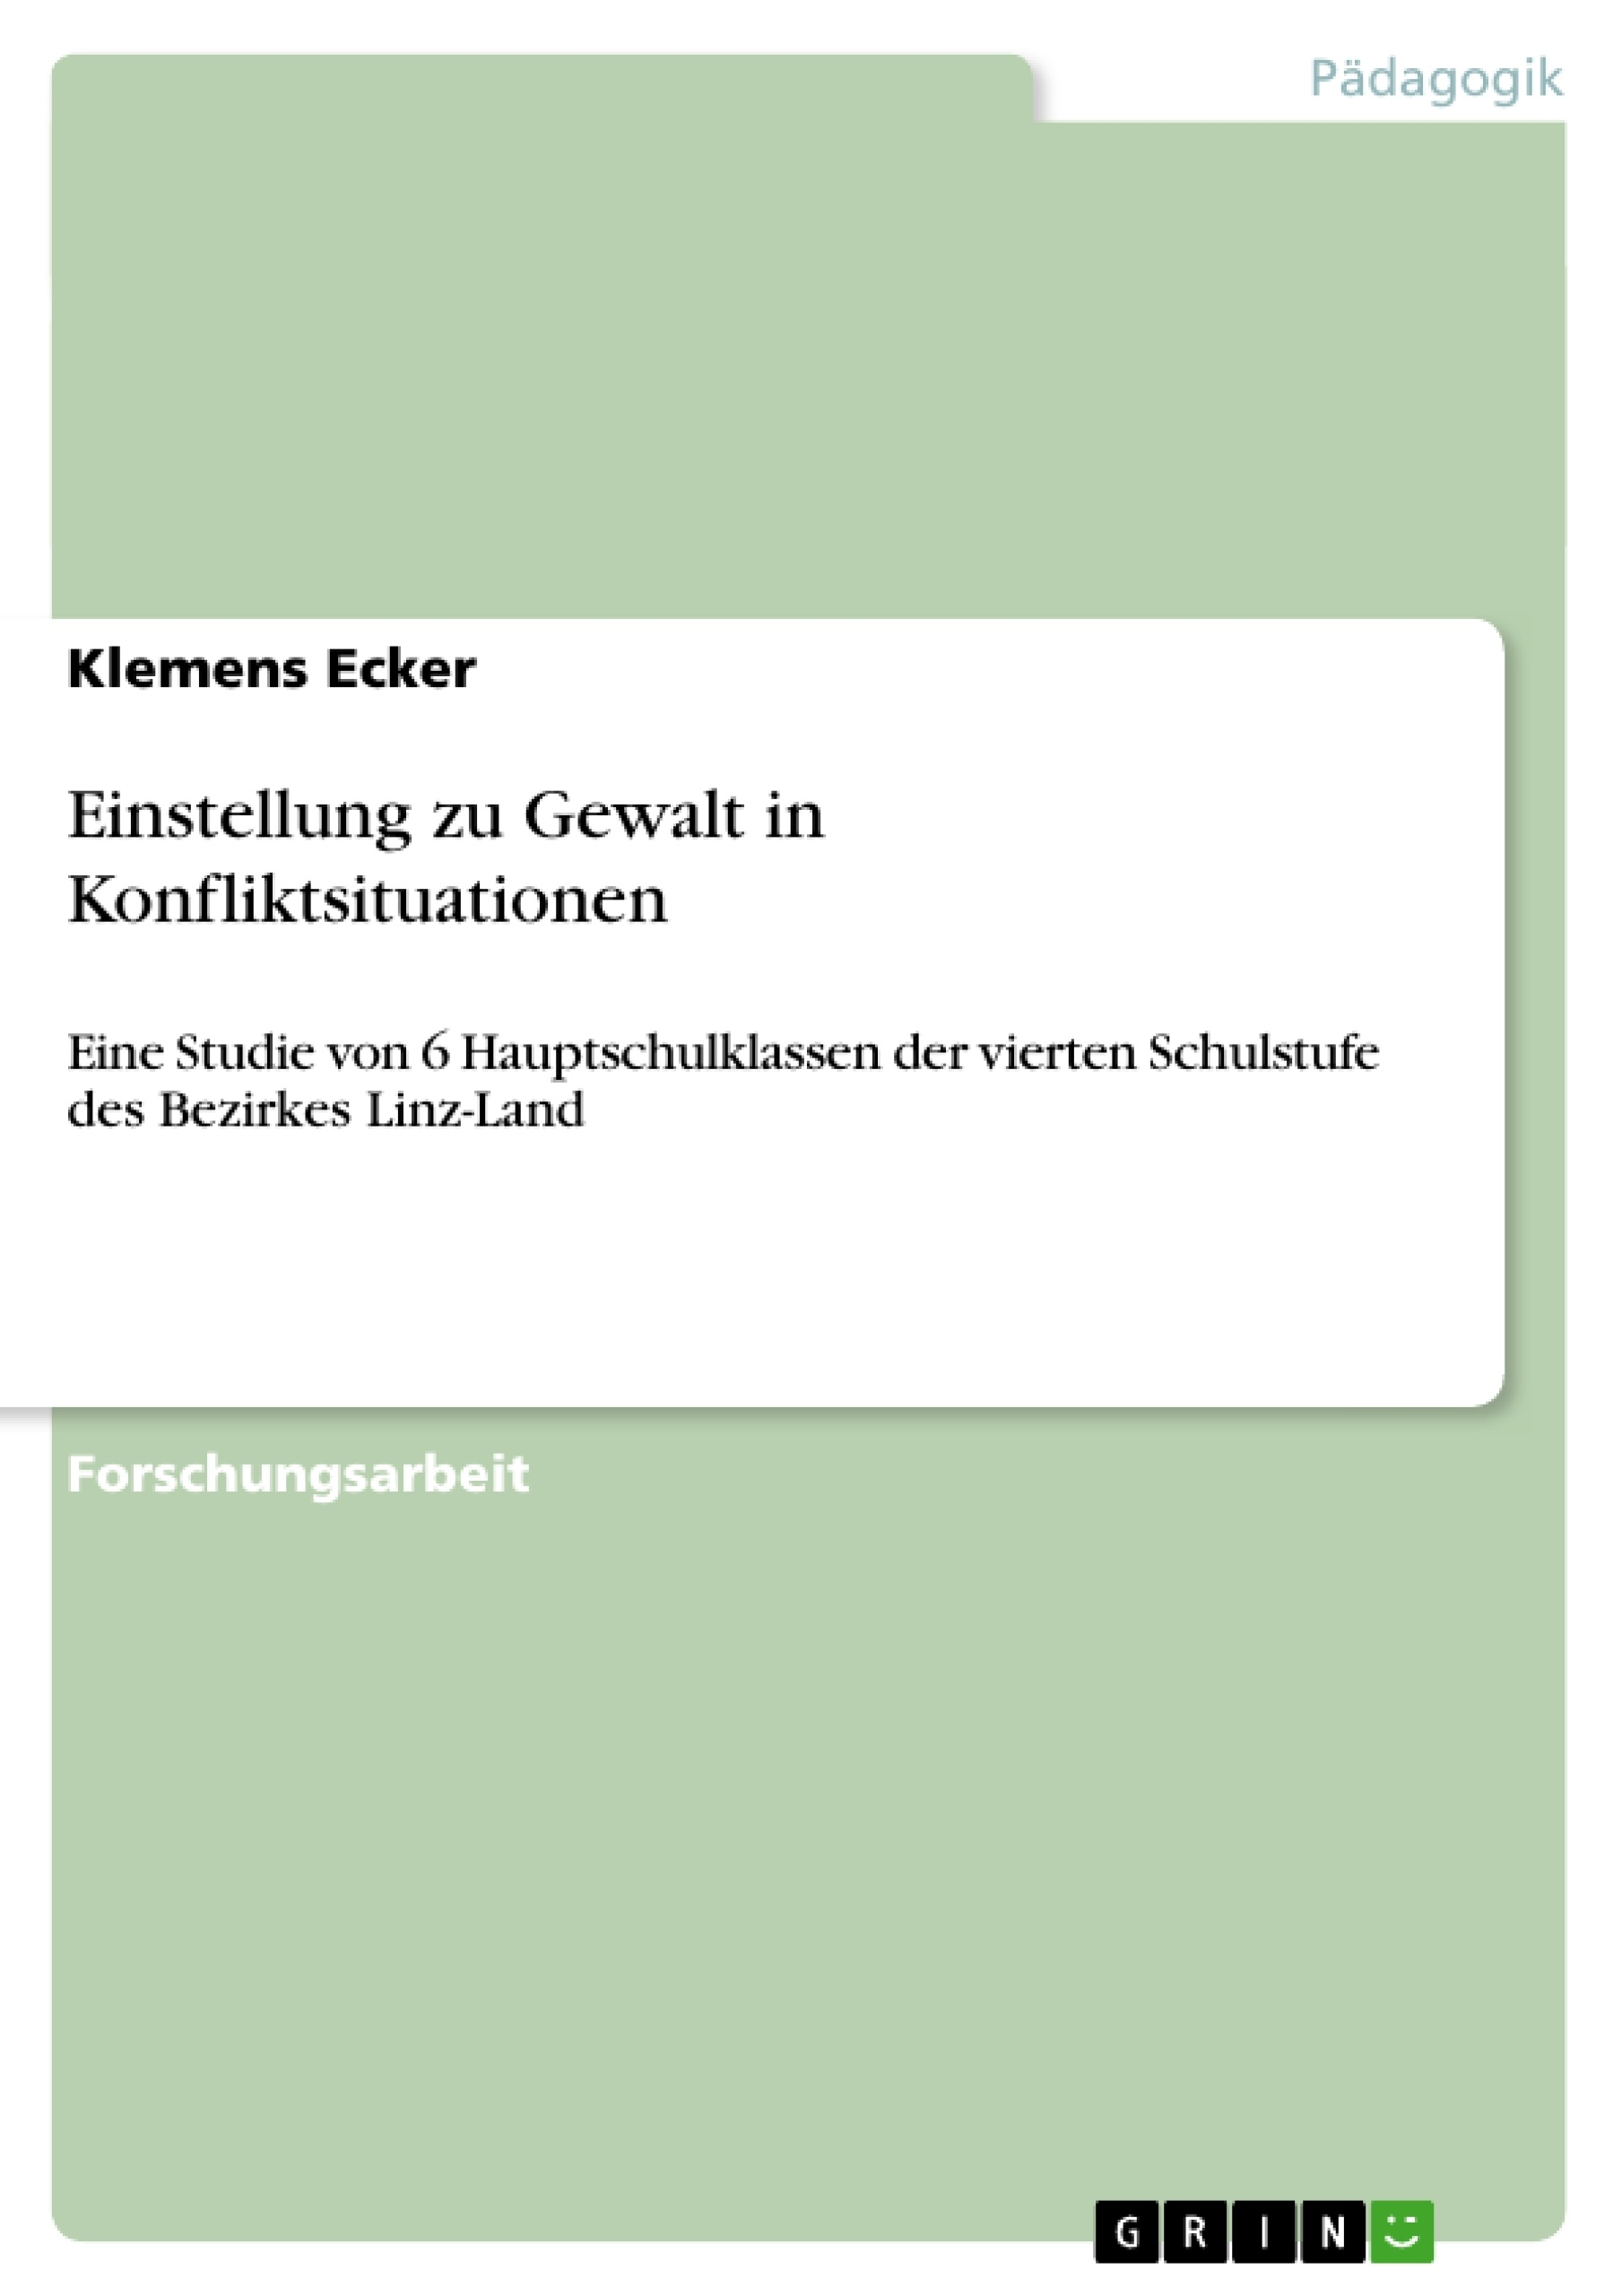 Titel: Einstellung zu Gewalt in Konfliktsituationen